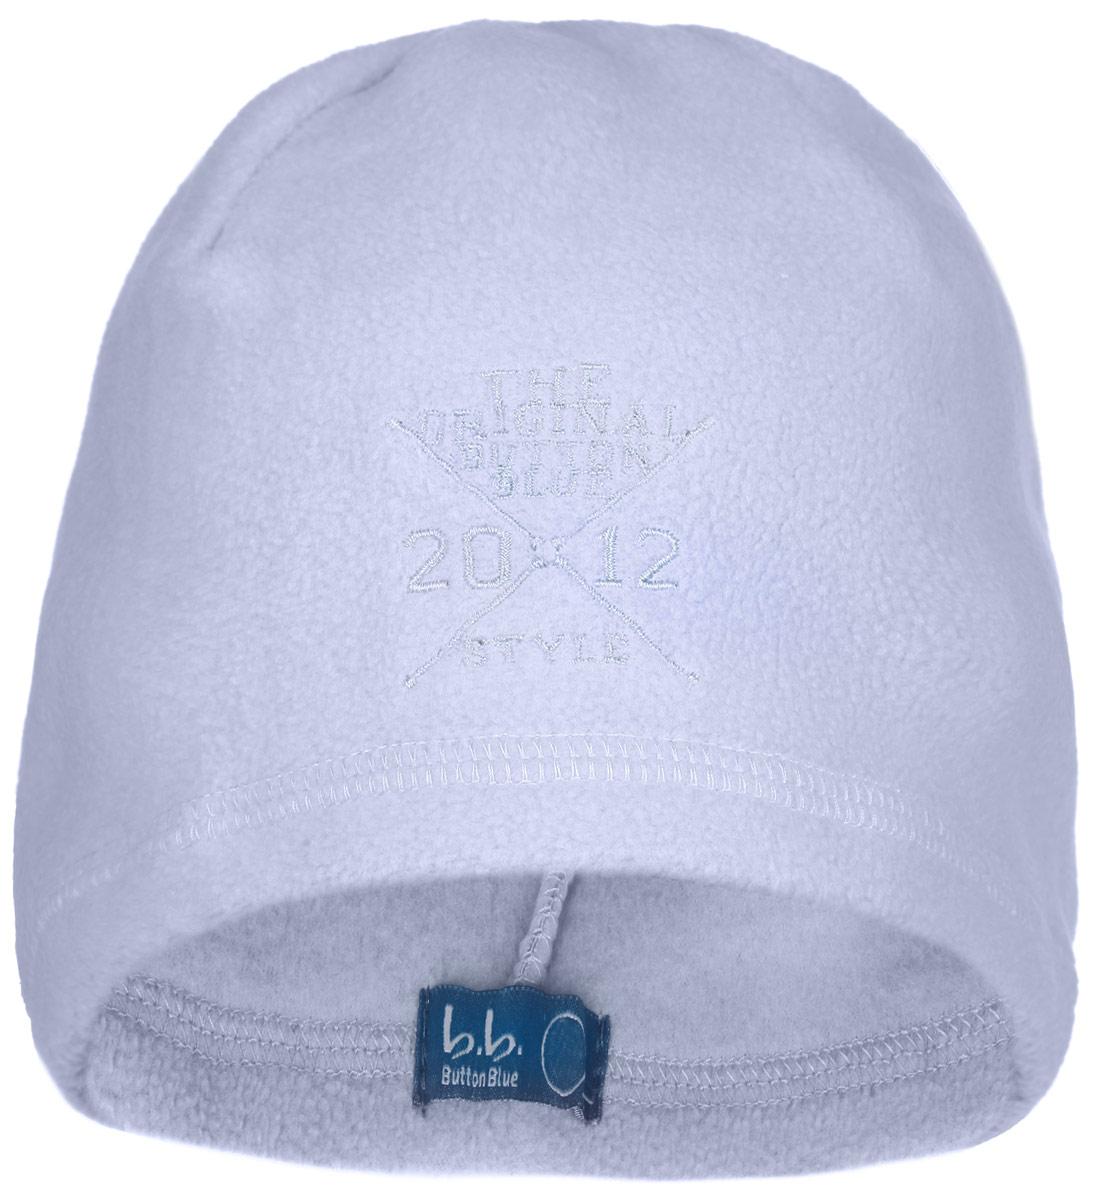 Шапка для мальчика. 116BBBB7308116BBBB7308Стильная флисовая шапка для мальчика Button Blue идеально подойдет для прогулок в прохладное время года. Изготовленная из высококачественного полиэстера, она необычайно мягкая и легкая, не раздражает нежную кожу ребенка и хорошо вентилируется. Шапка оформлена небольшой вышивкой с надписью The Original Button Blue Style 2012. Такая шапка станет модным и стильным предметом детского гардероба. Она улучшит настроение даже в хмурые прохладные дни! Уважаемые клиенты! Размер, доступный для заказа, является обхватом головы ребенка.